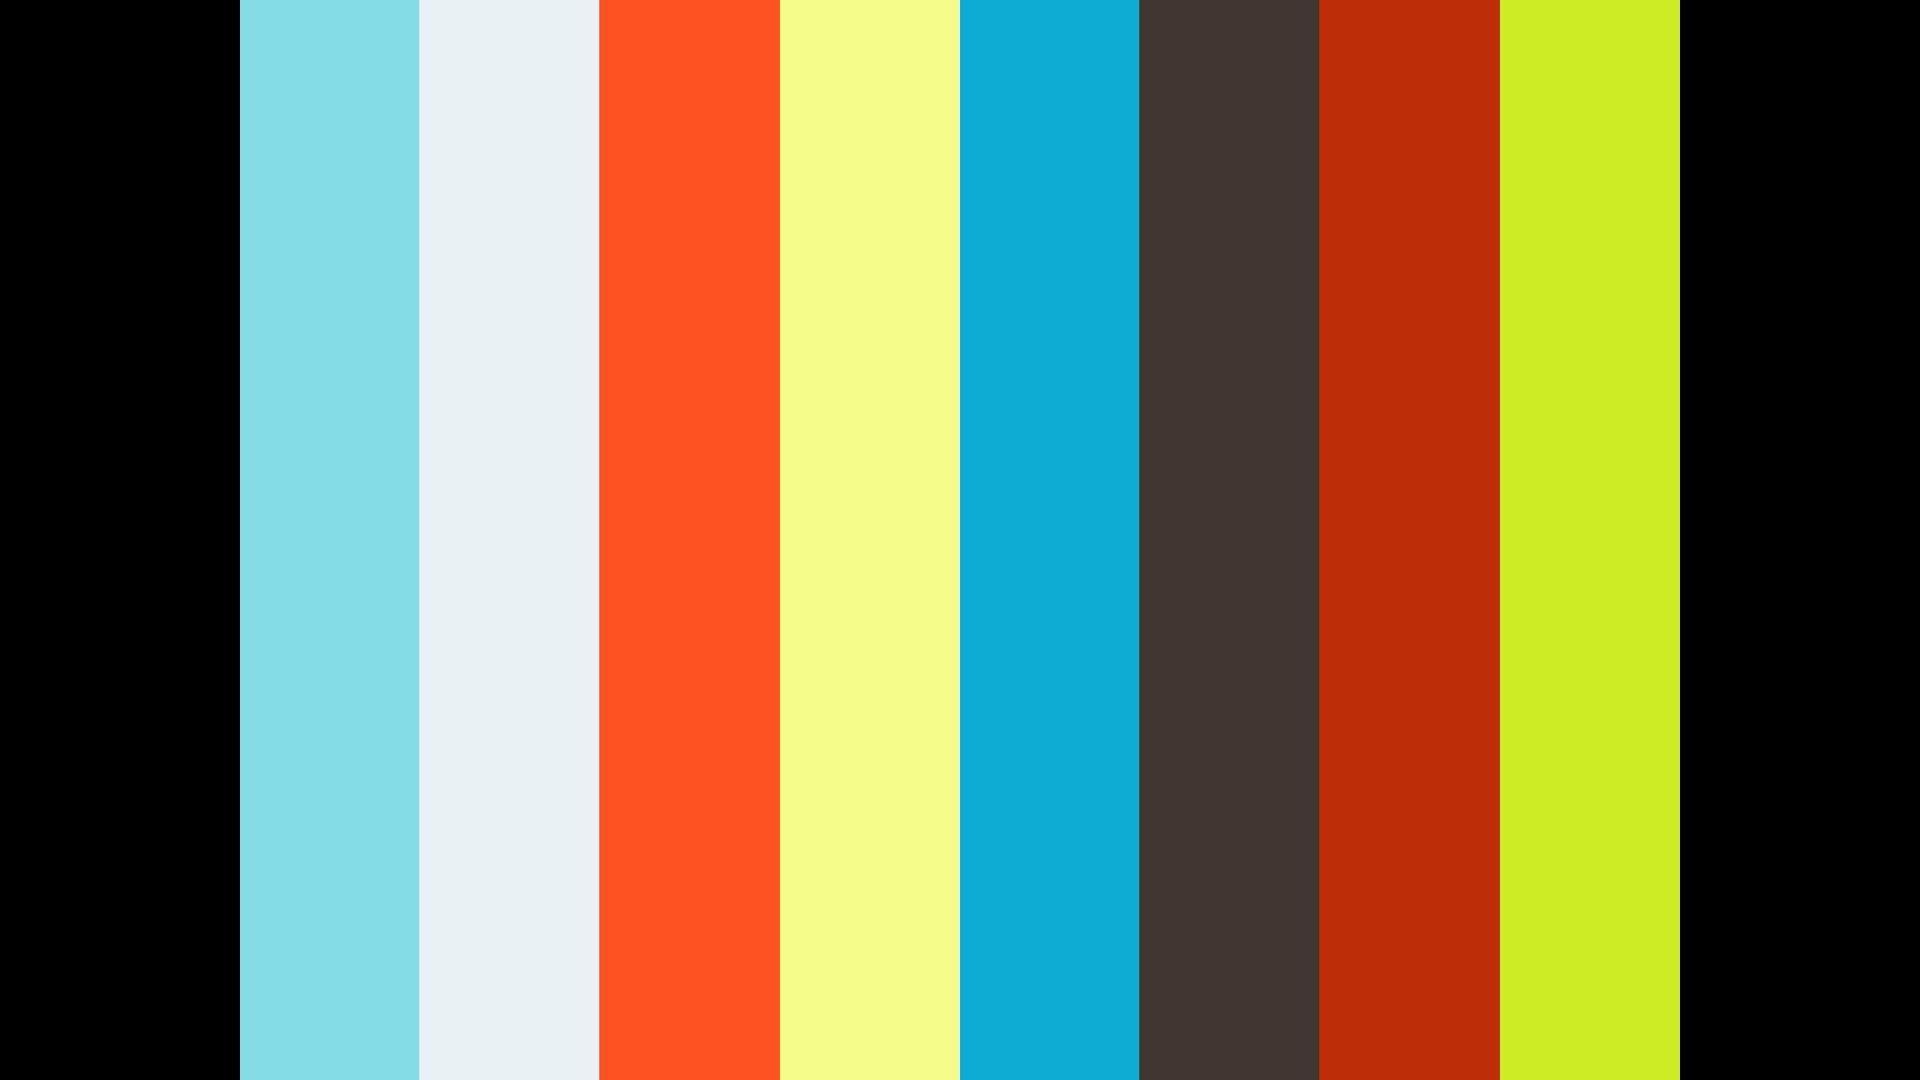 Styling - Alexis Facca- VTM (Vlaamse Televisie Maatschappij)